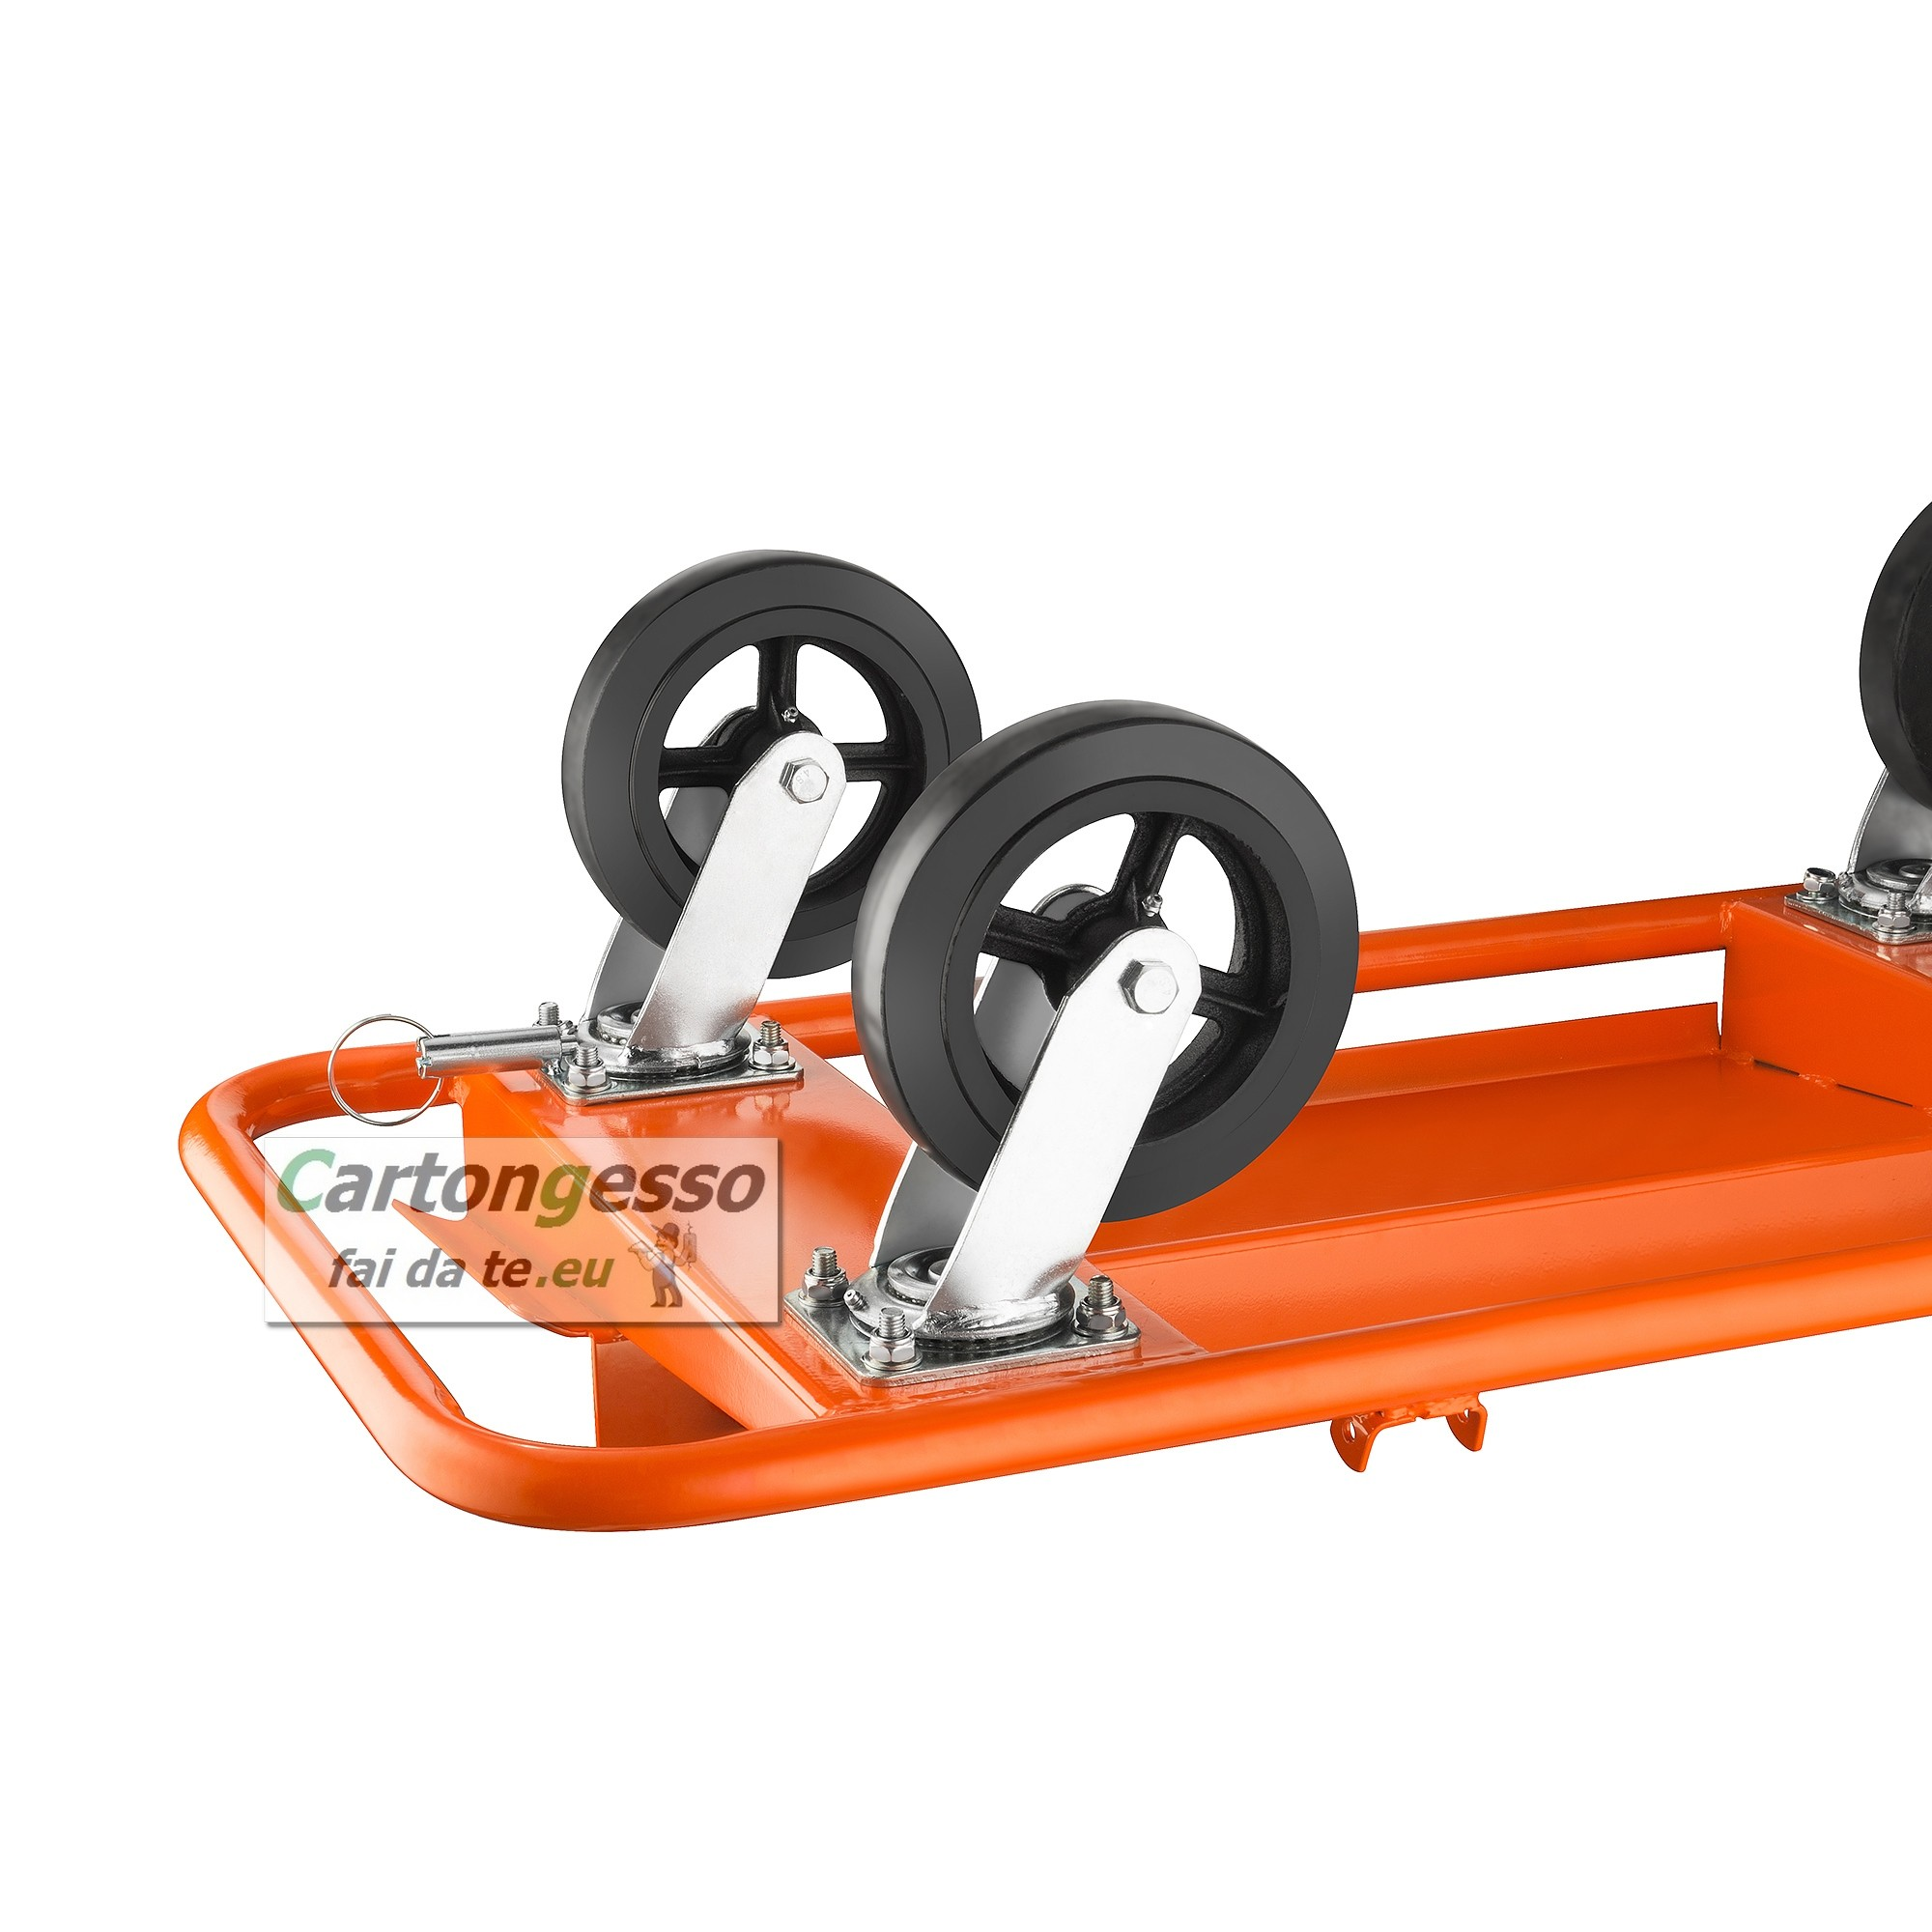 Carrello porta lastre da cantiere a 4 ruote - Scheda